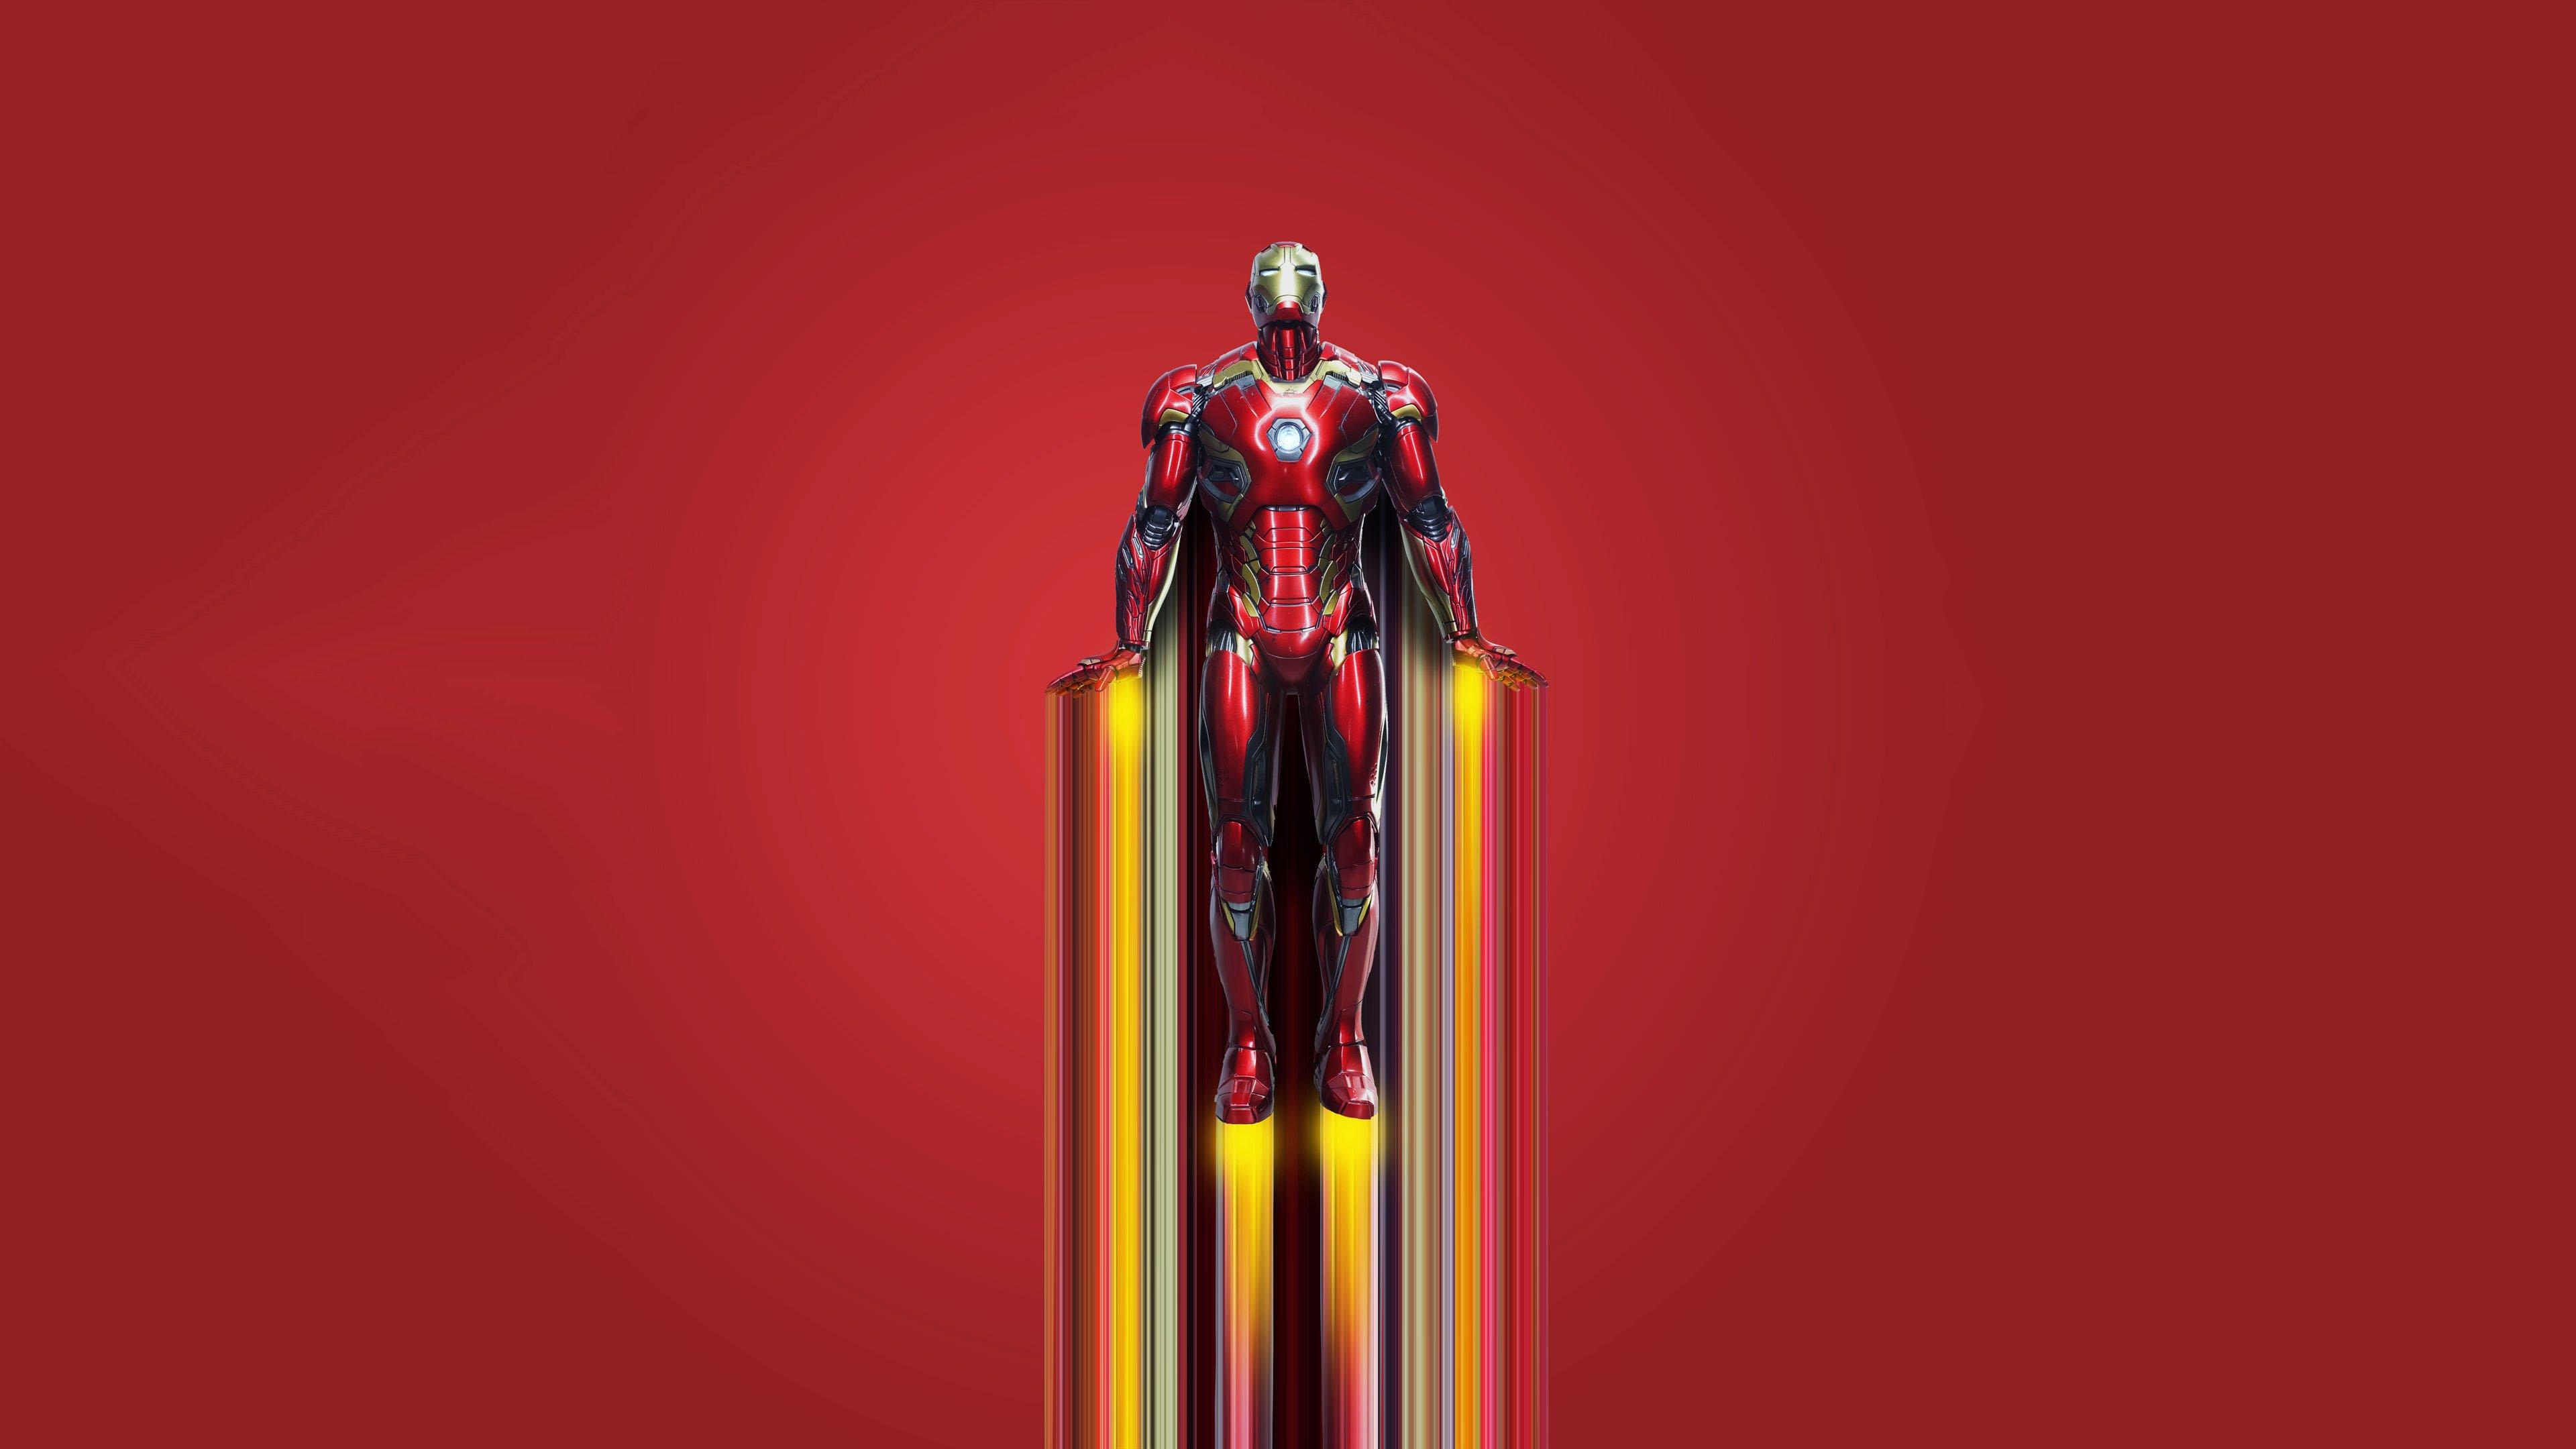 Fondos de pantalla Iron man volando 2020